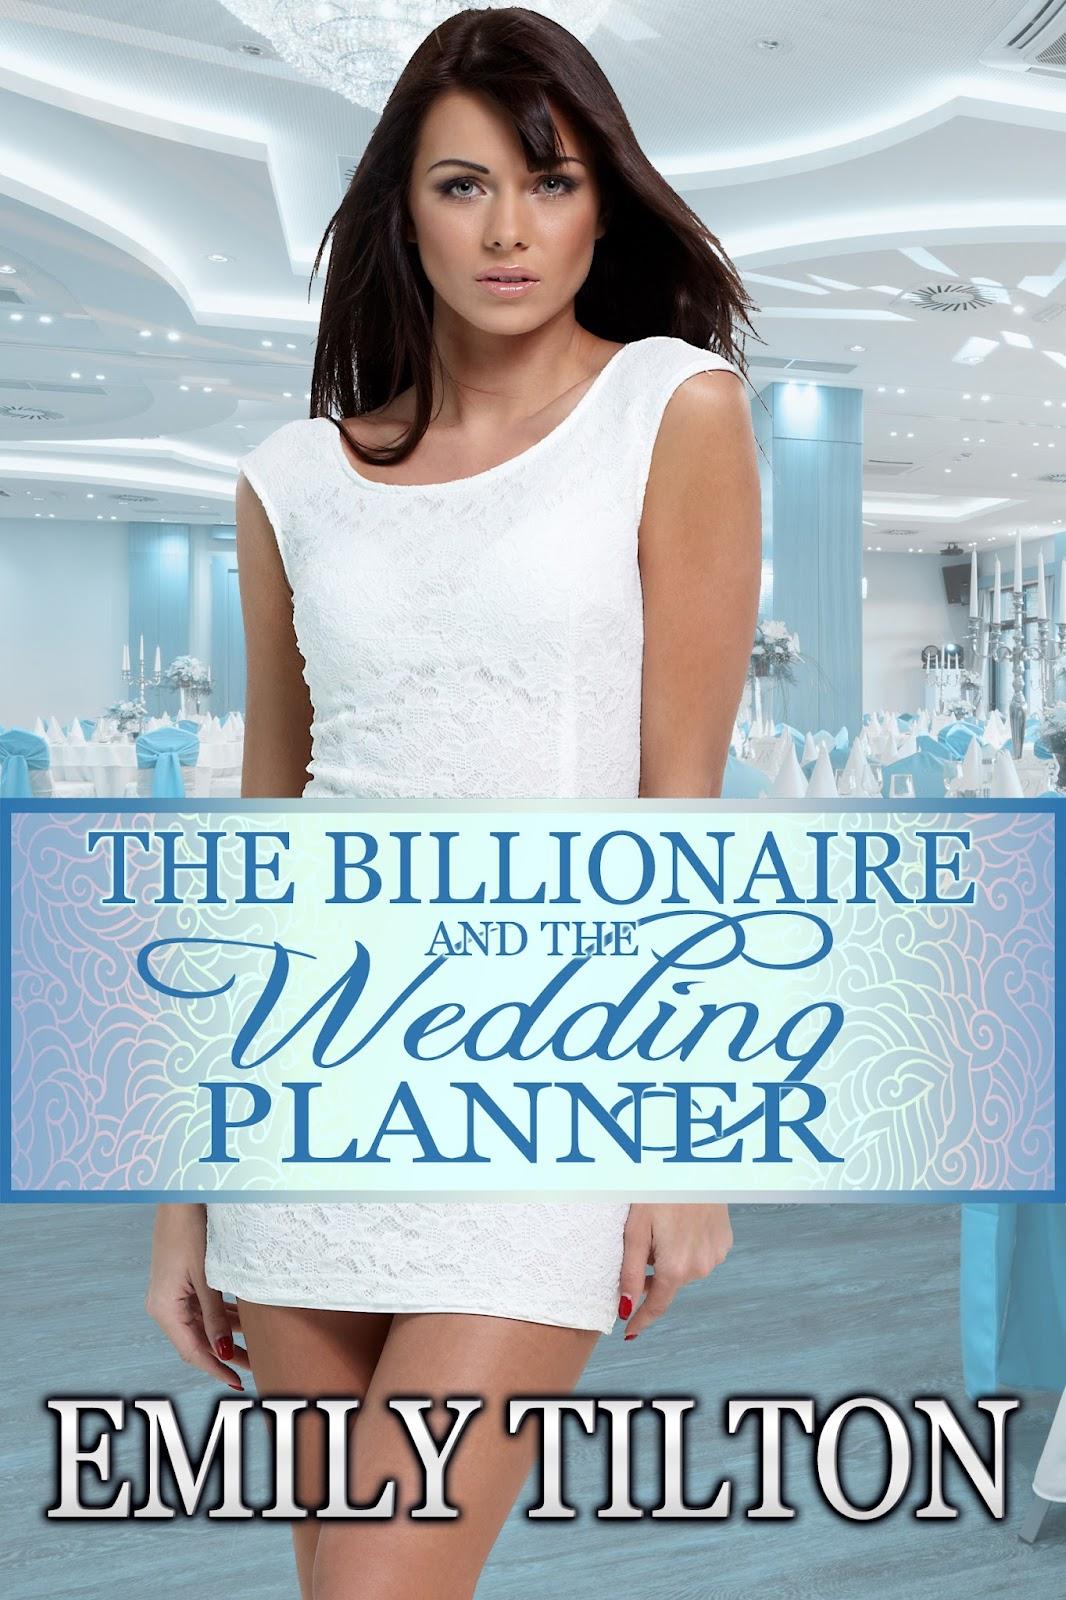 thebillionaireandtheweddingplanner_full.jpg